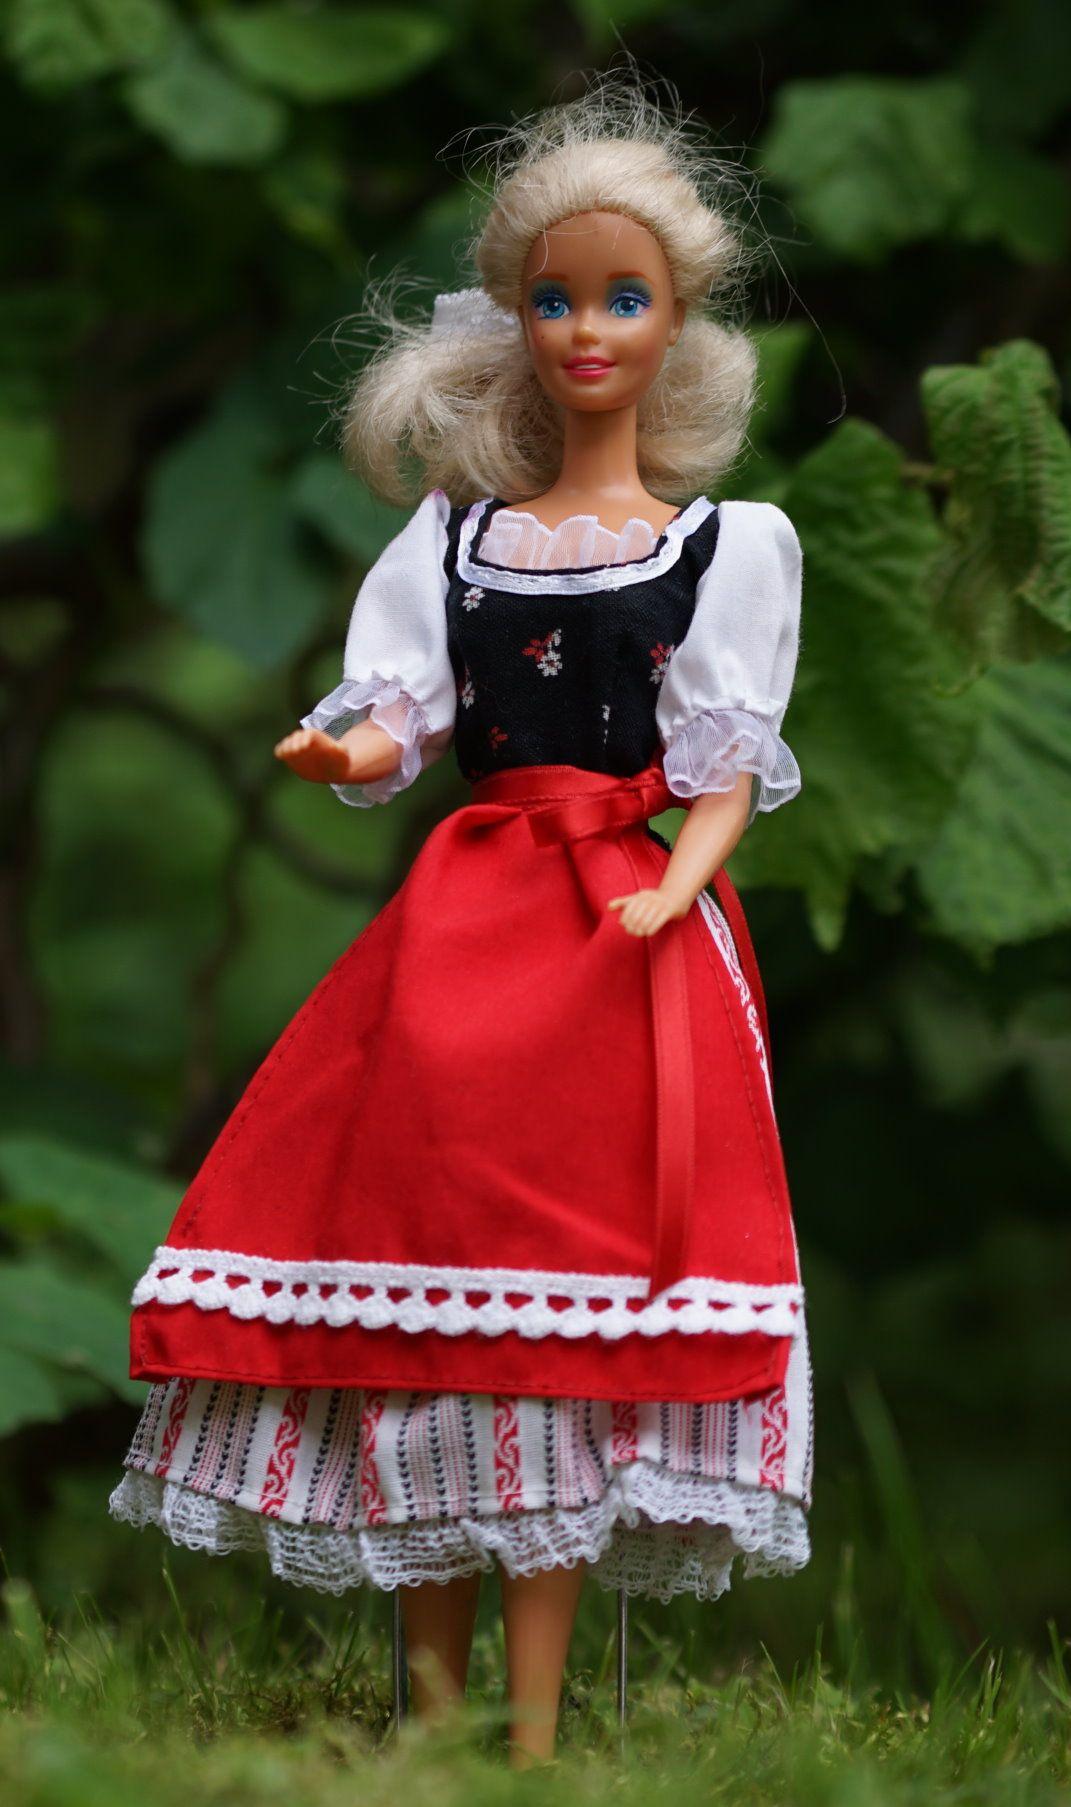 Puppen-Schnittmuster - Barbie Schnittmuster: Dirndlkleid ...